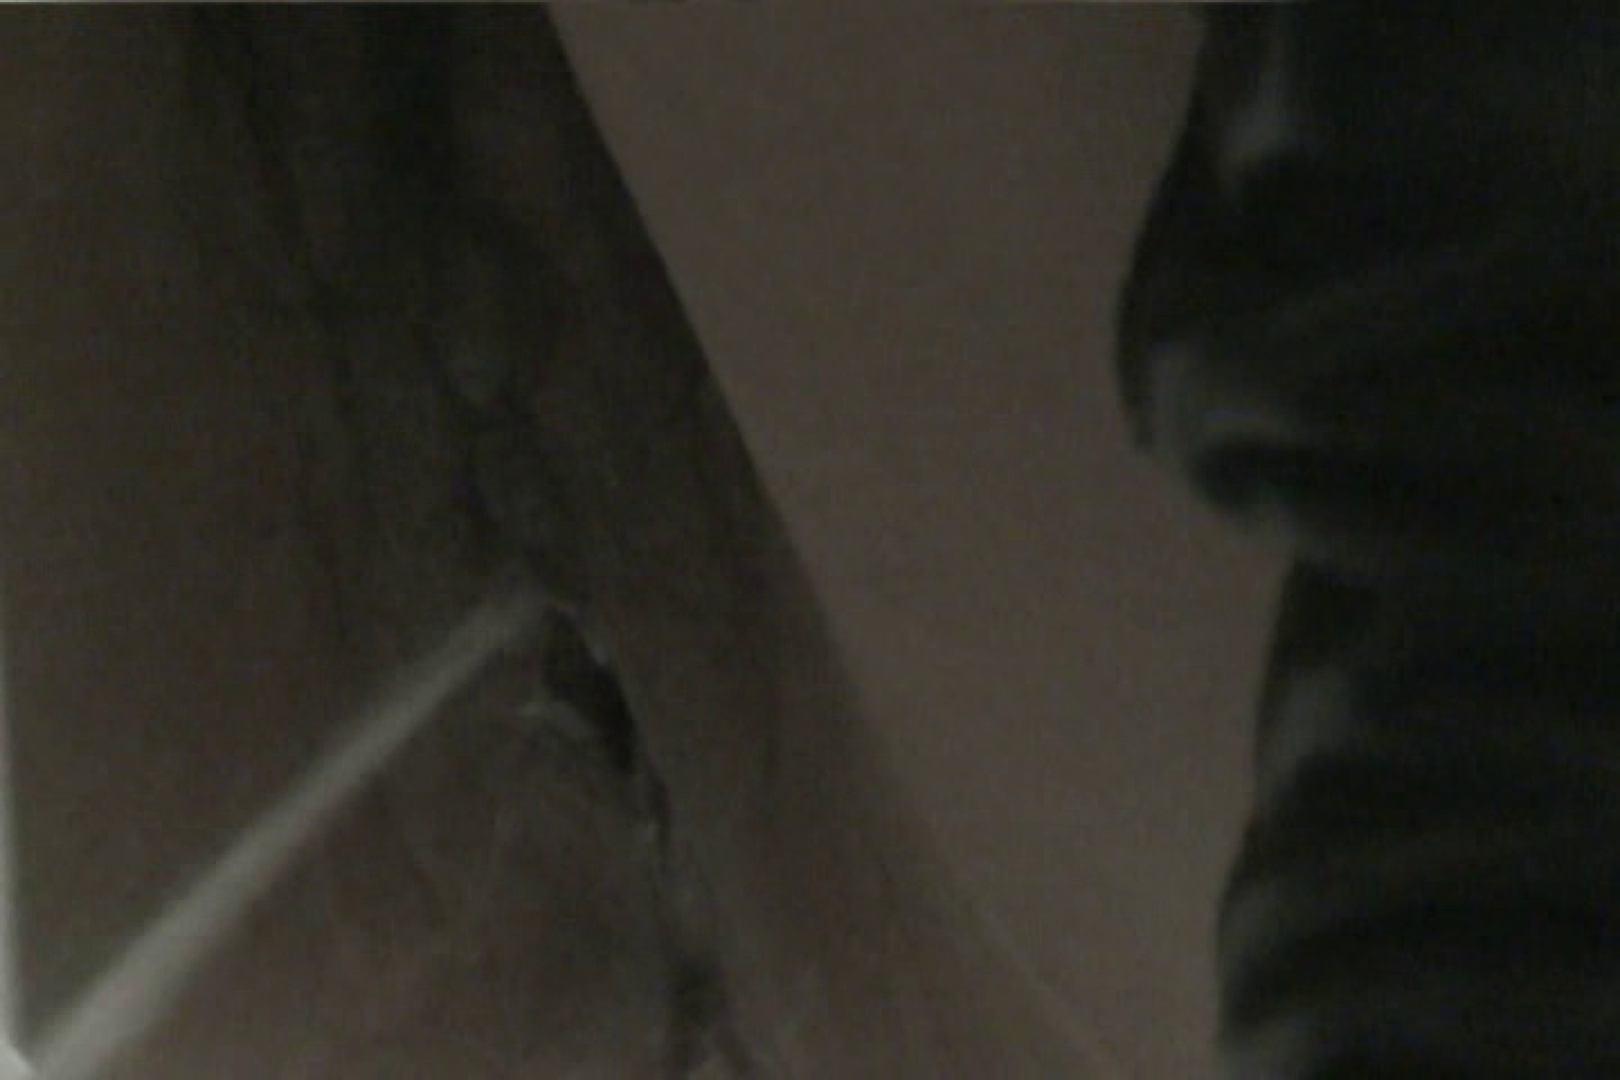 マンコ丸見え女子洗面所Vol.31 OLセックス 覗きぱこり動画紹介 91画像 66